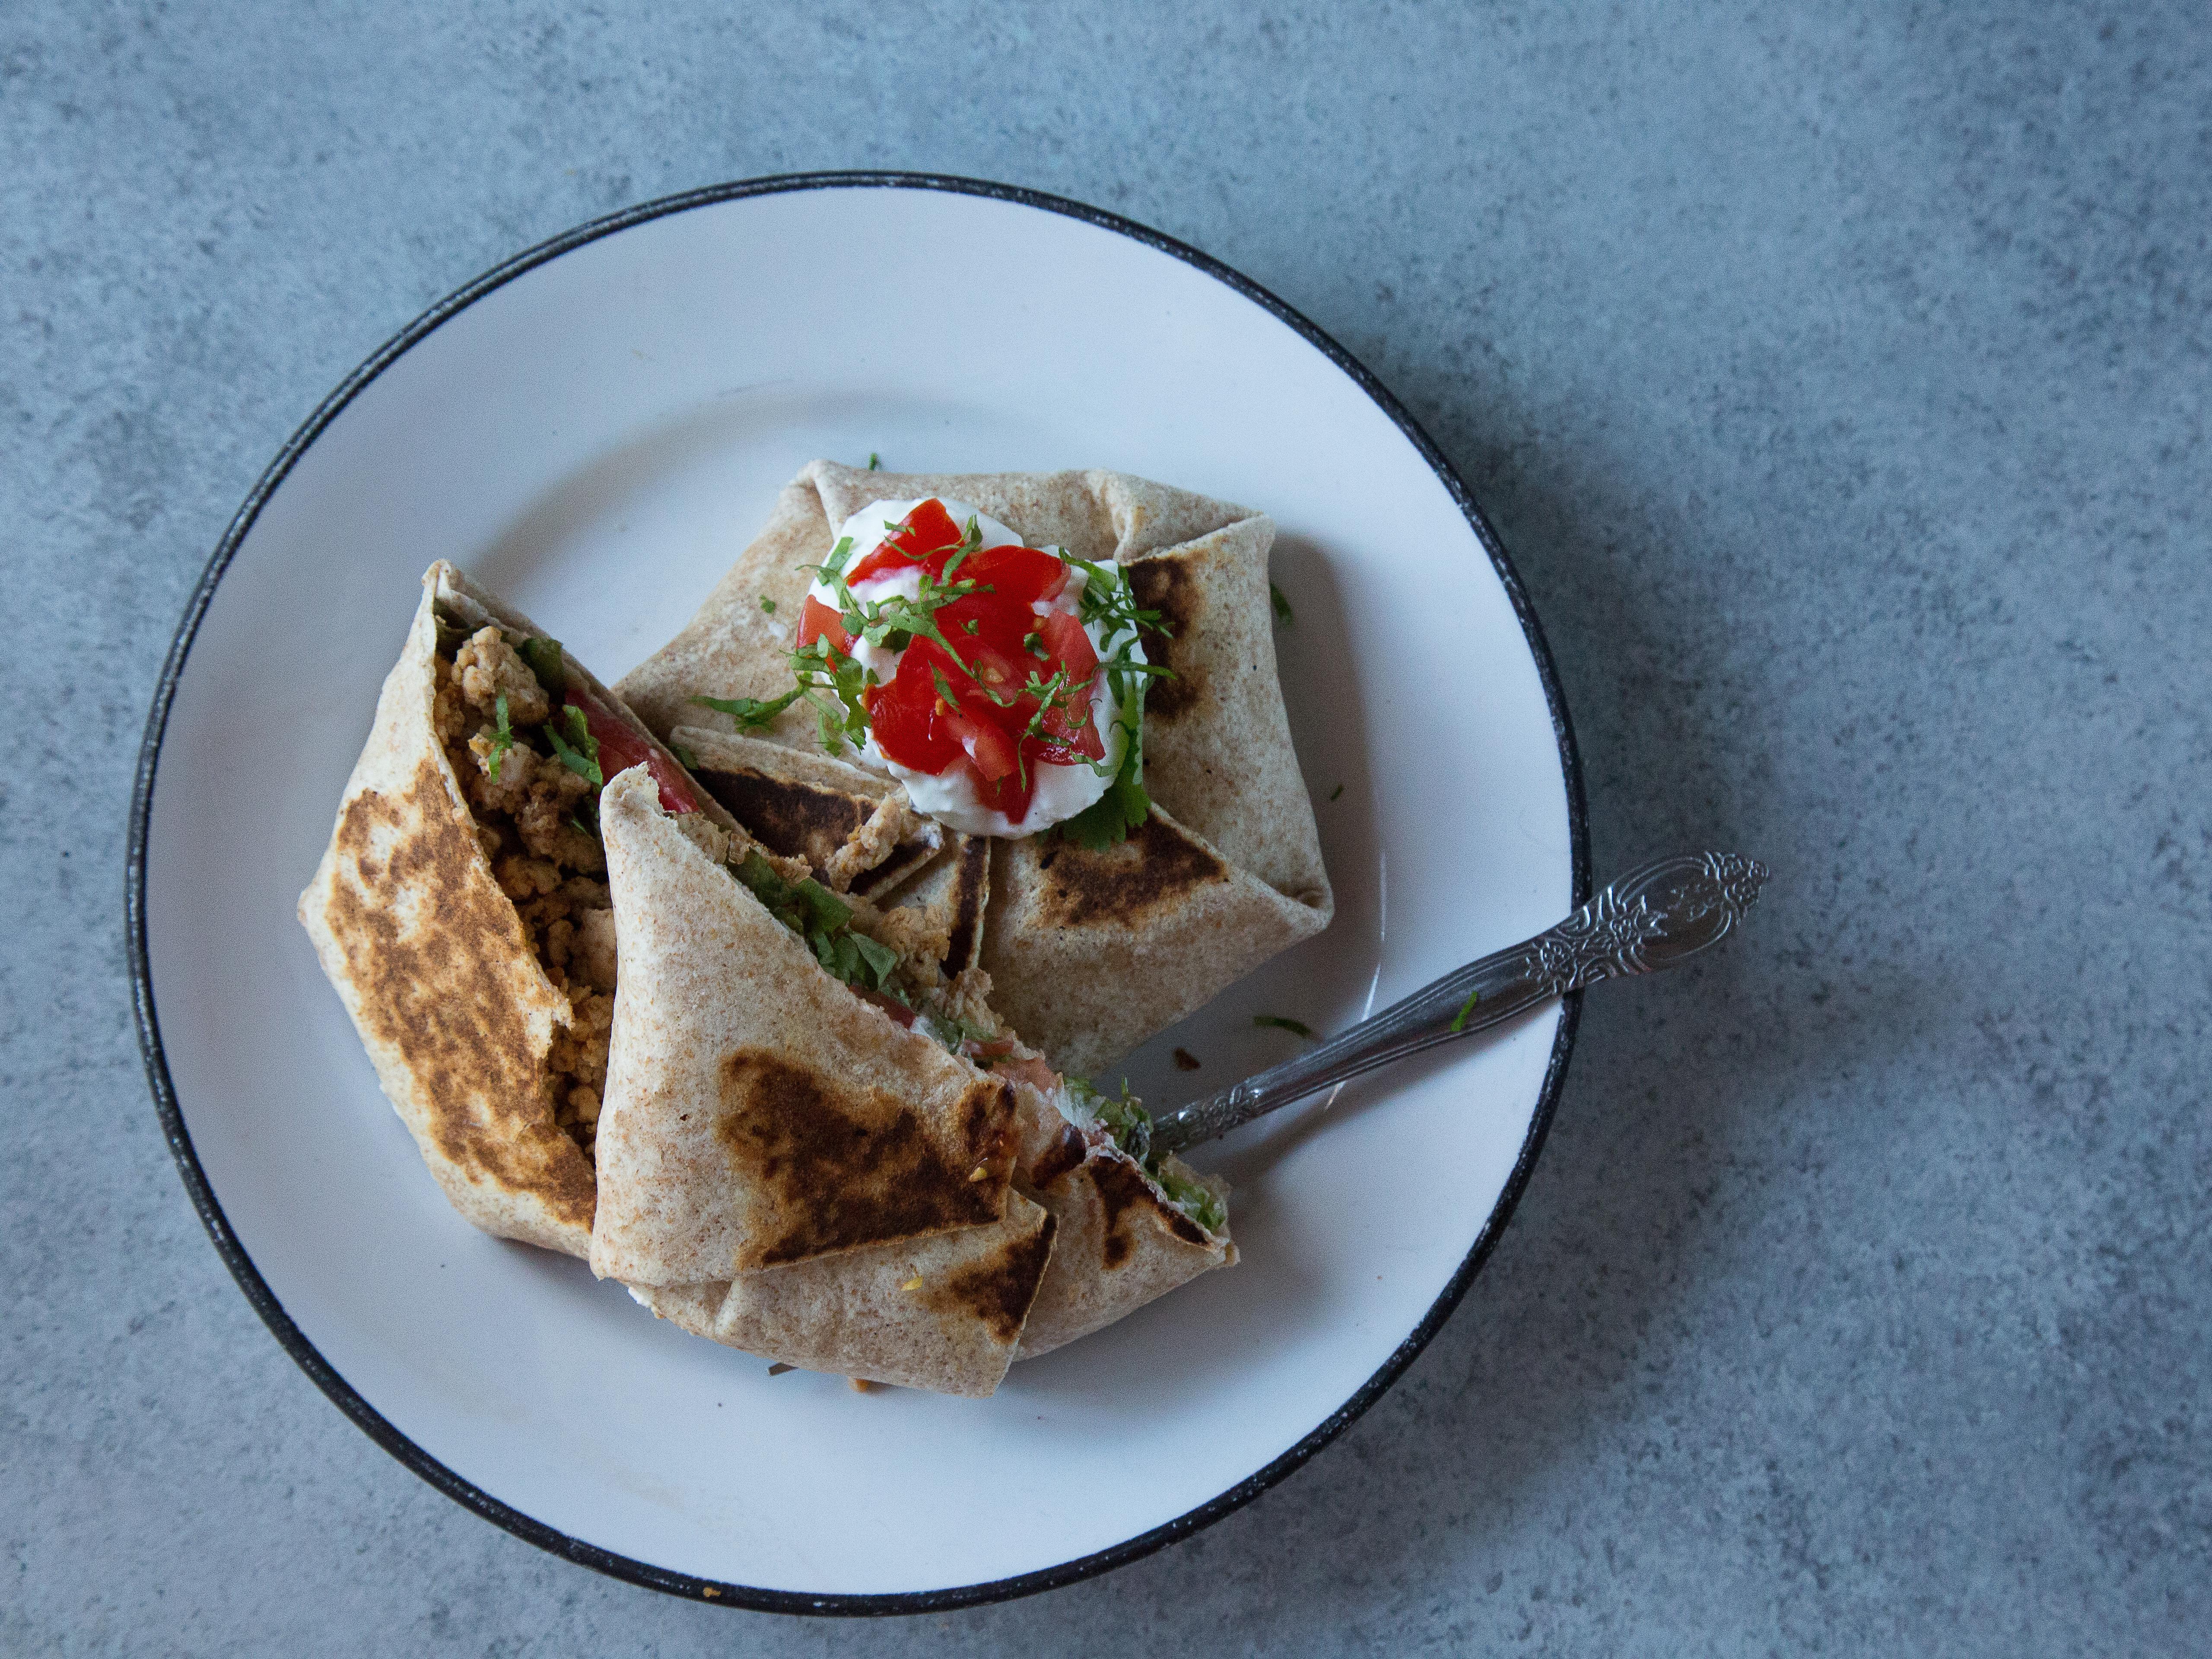 22 Best Ground Turkey Recipes And Ideas - Genius Kitchen